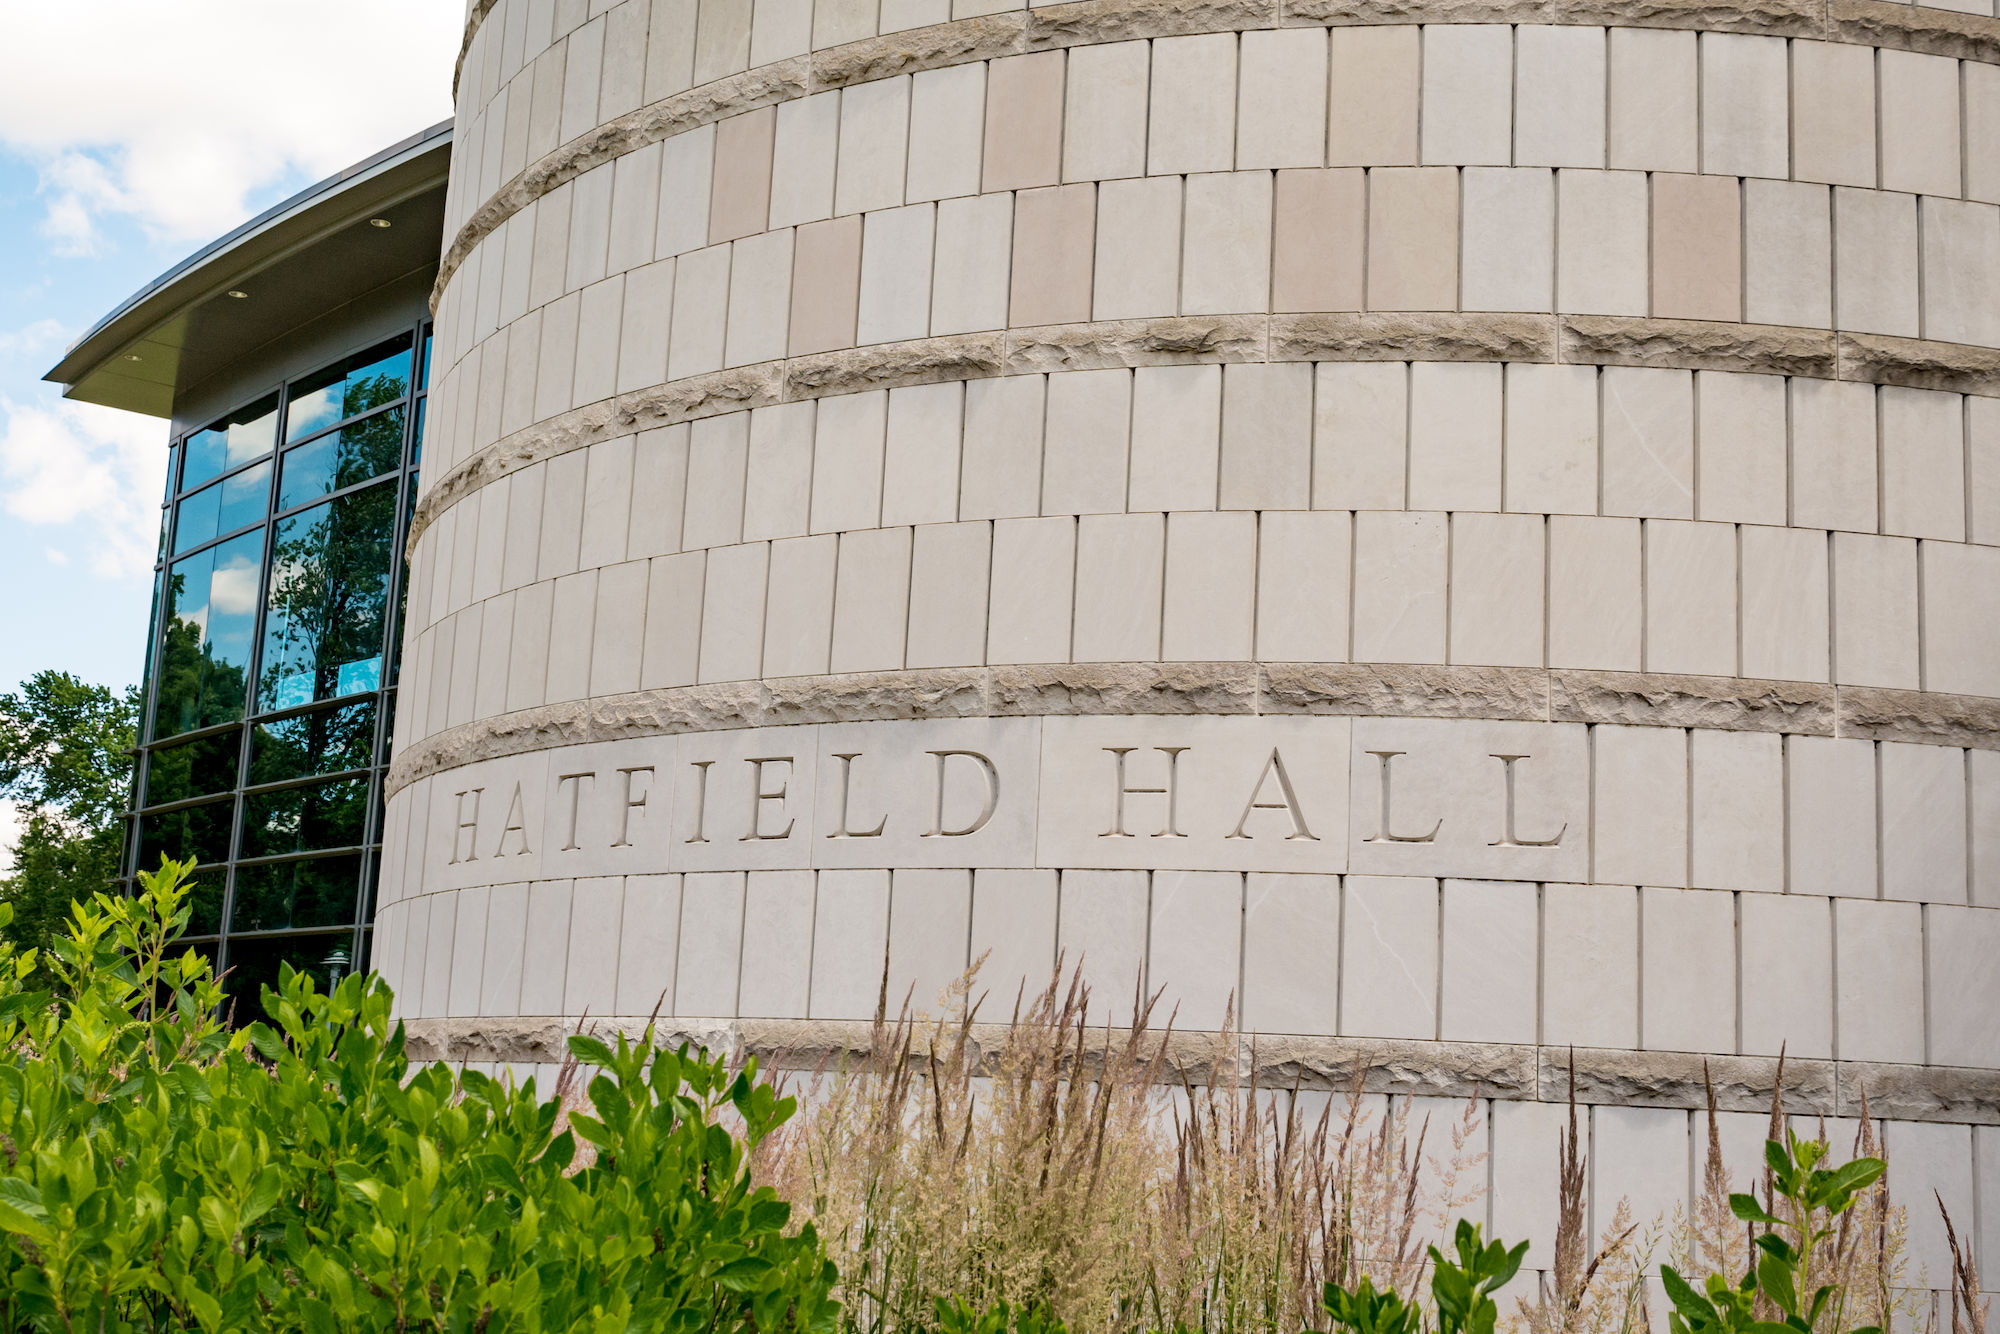 RHIT_Campus_Hatfield_Hall_Exterior-1190085.jpg